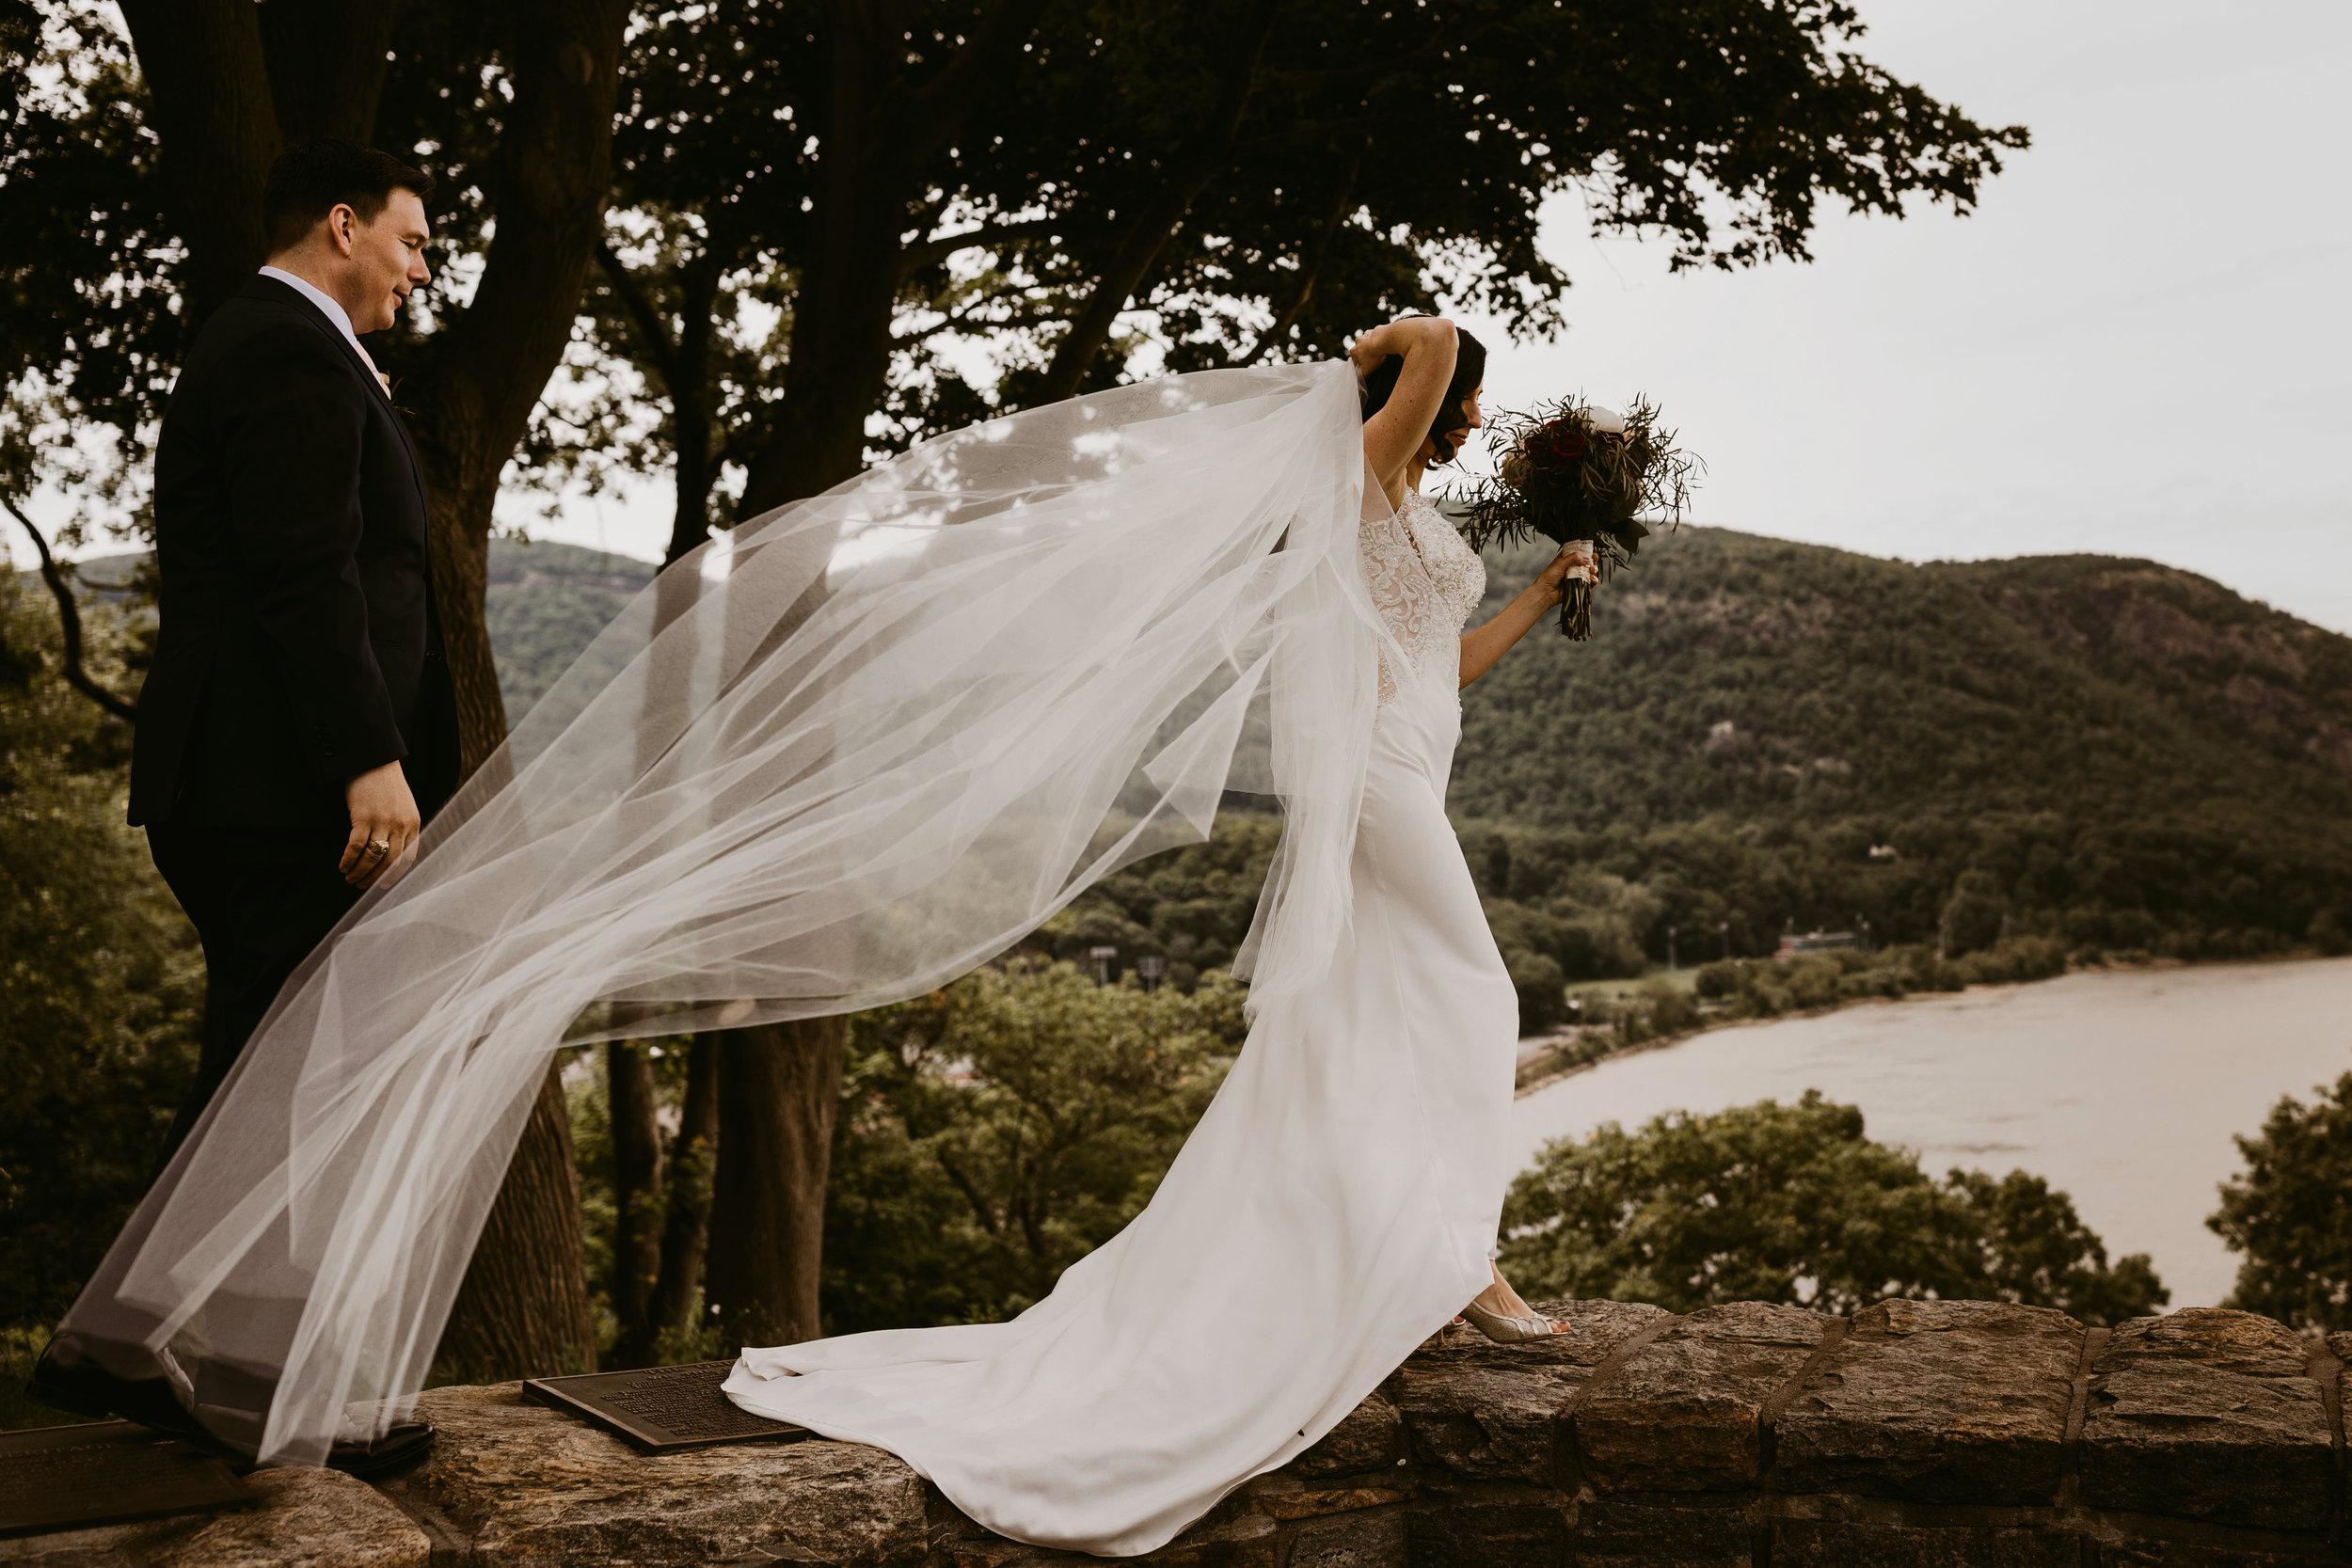 LaurenandAlex-weddingpreviews(6of35).jpg